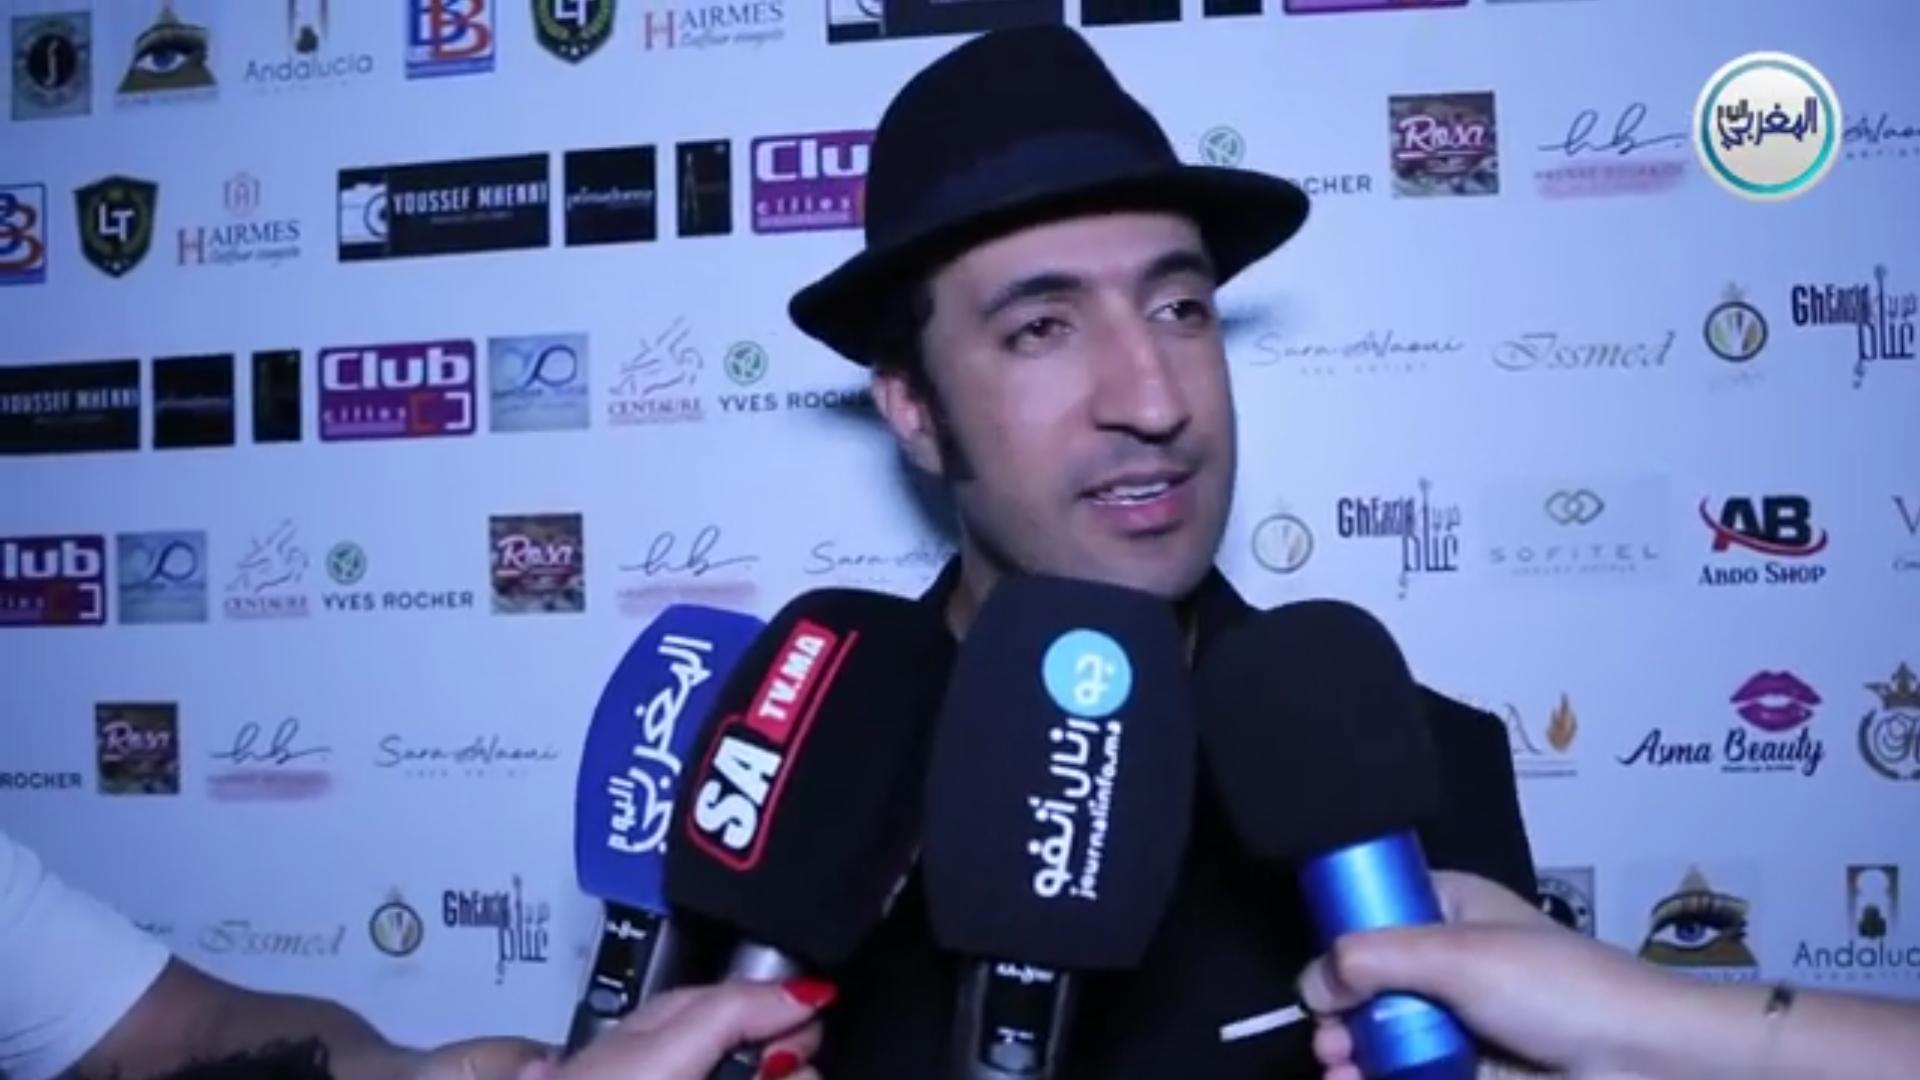 بالفيديو… الفنان الشاب عصام كمال يكشف عن مفاجأة سارة للجمهور المغربي